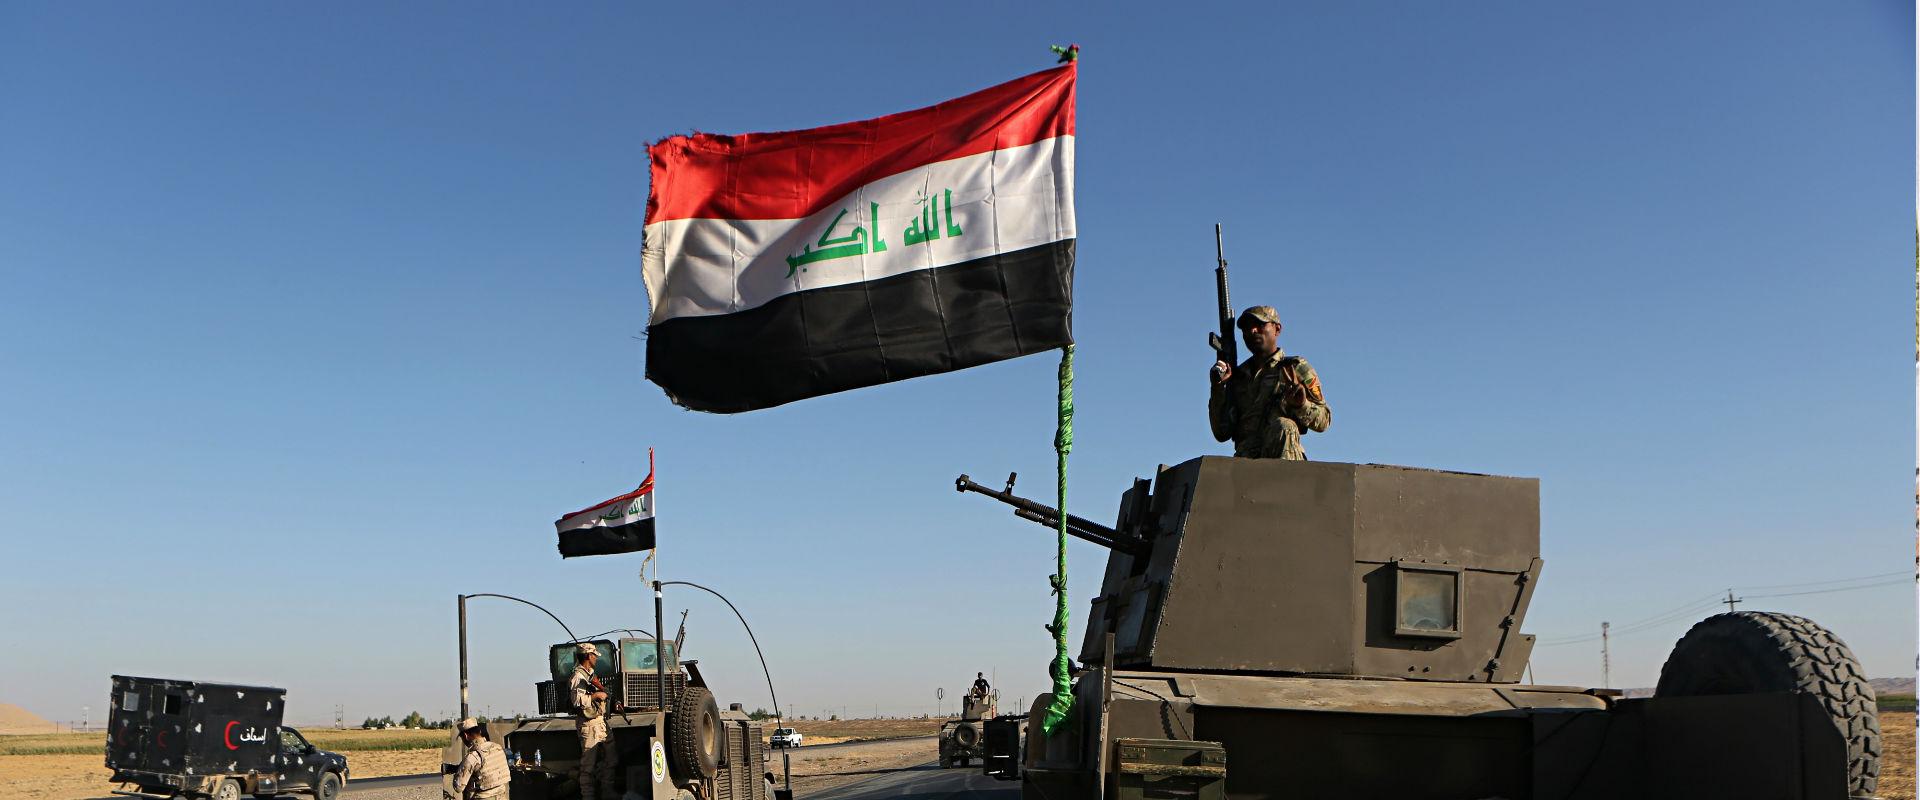 כוחות צבא עיראק באזור אלטון כופרי